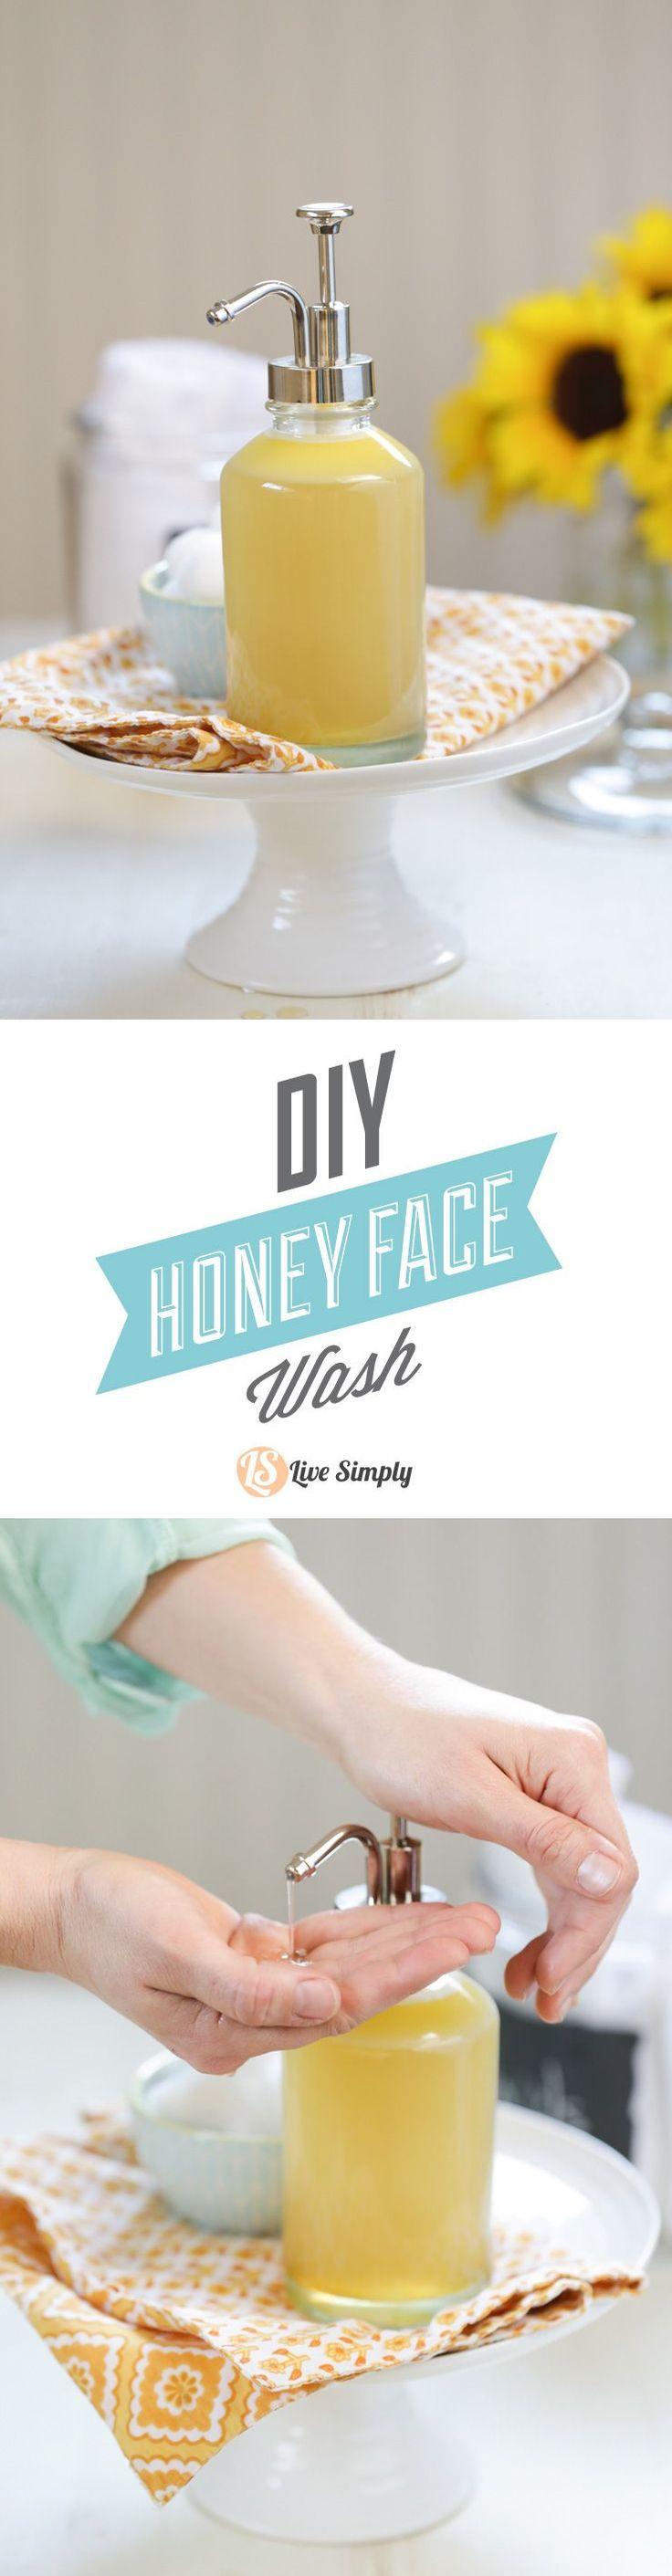 id e de soin du peau 2017 2018 un nettoyant pour le visage au miel fait maison naturel et e. Black Bedroom Furniture Sets. Home Design Ideas